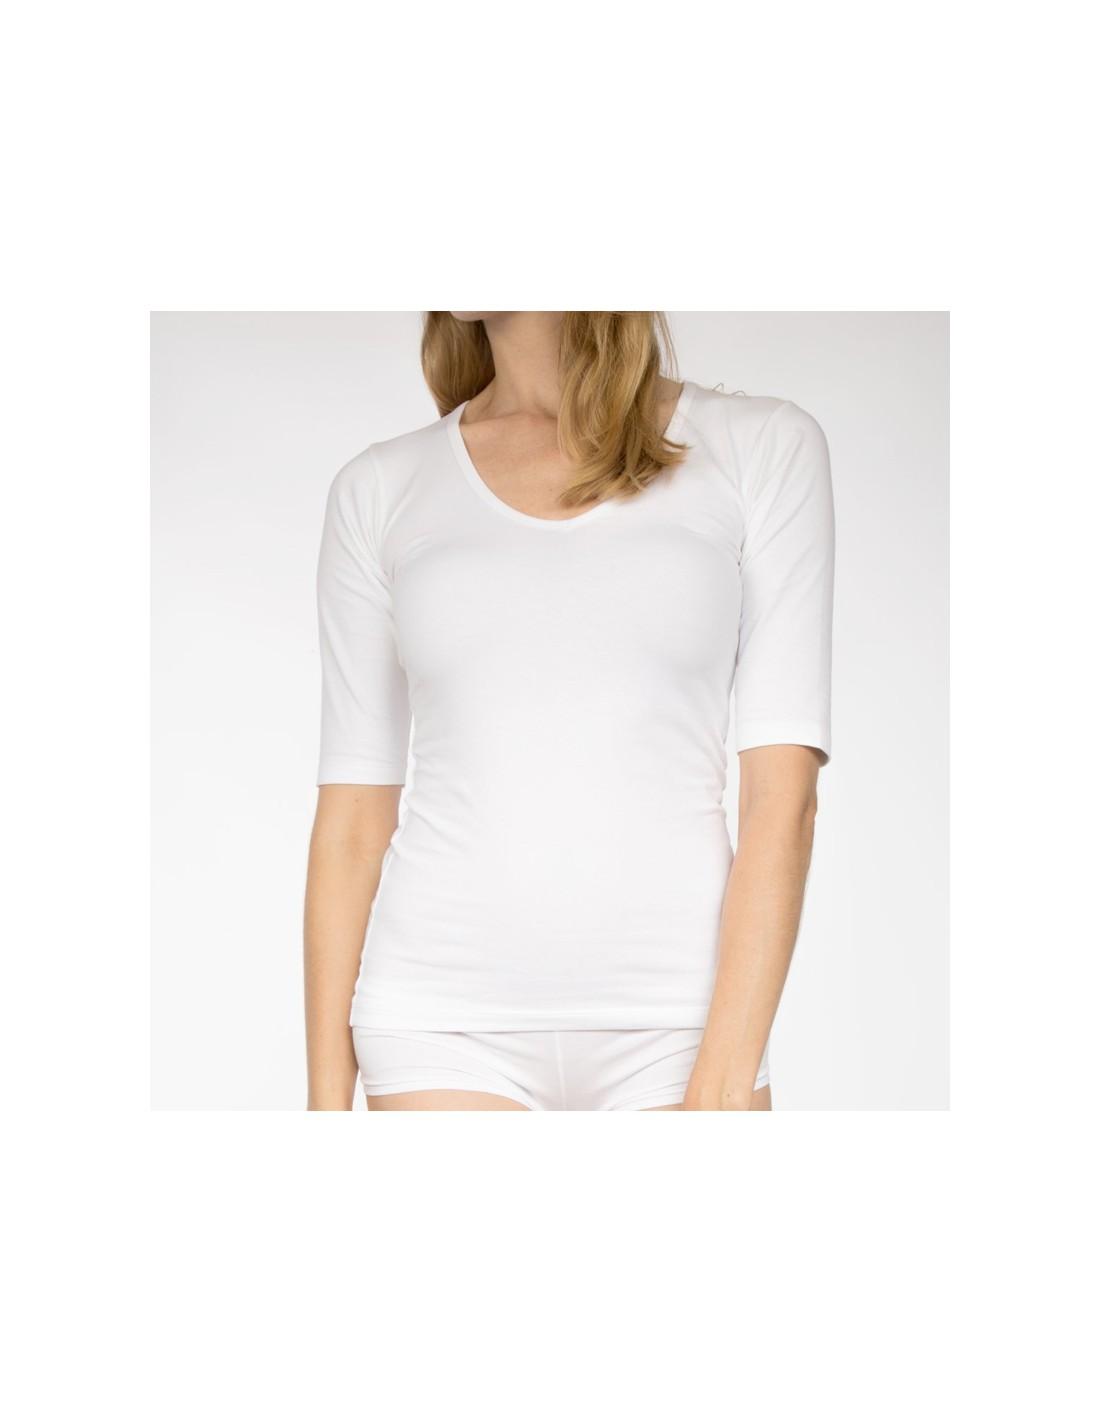 112ed855d97 Claesens Dames T-Shirt Wit Ronde Hals 3/4 Mouw